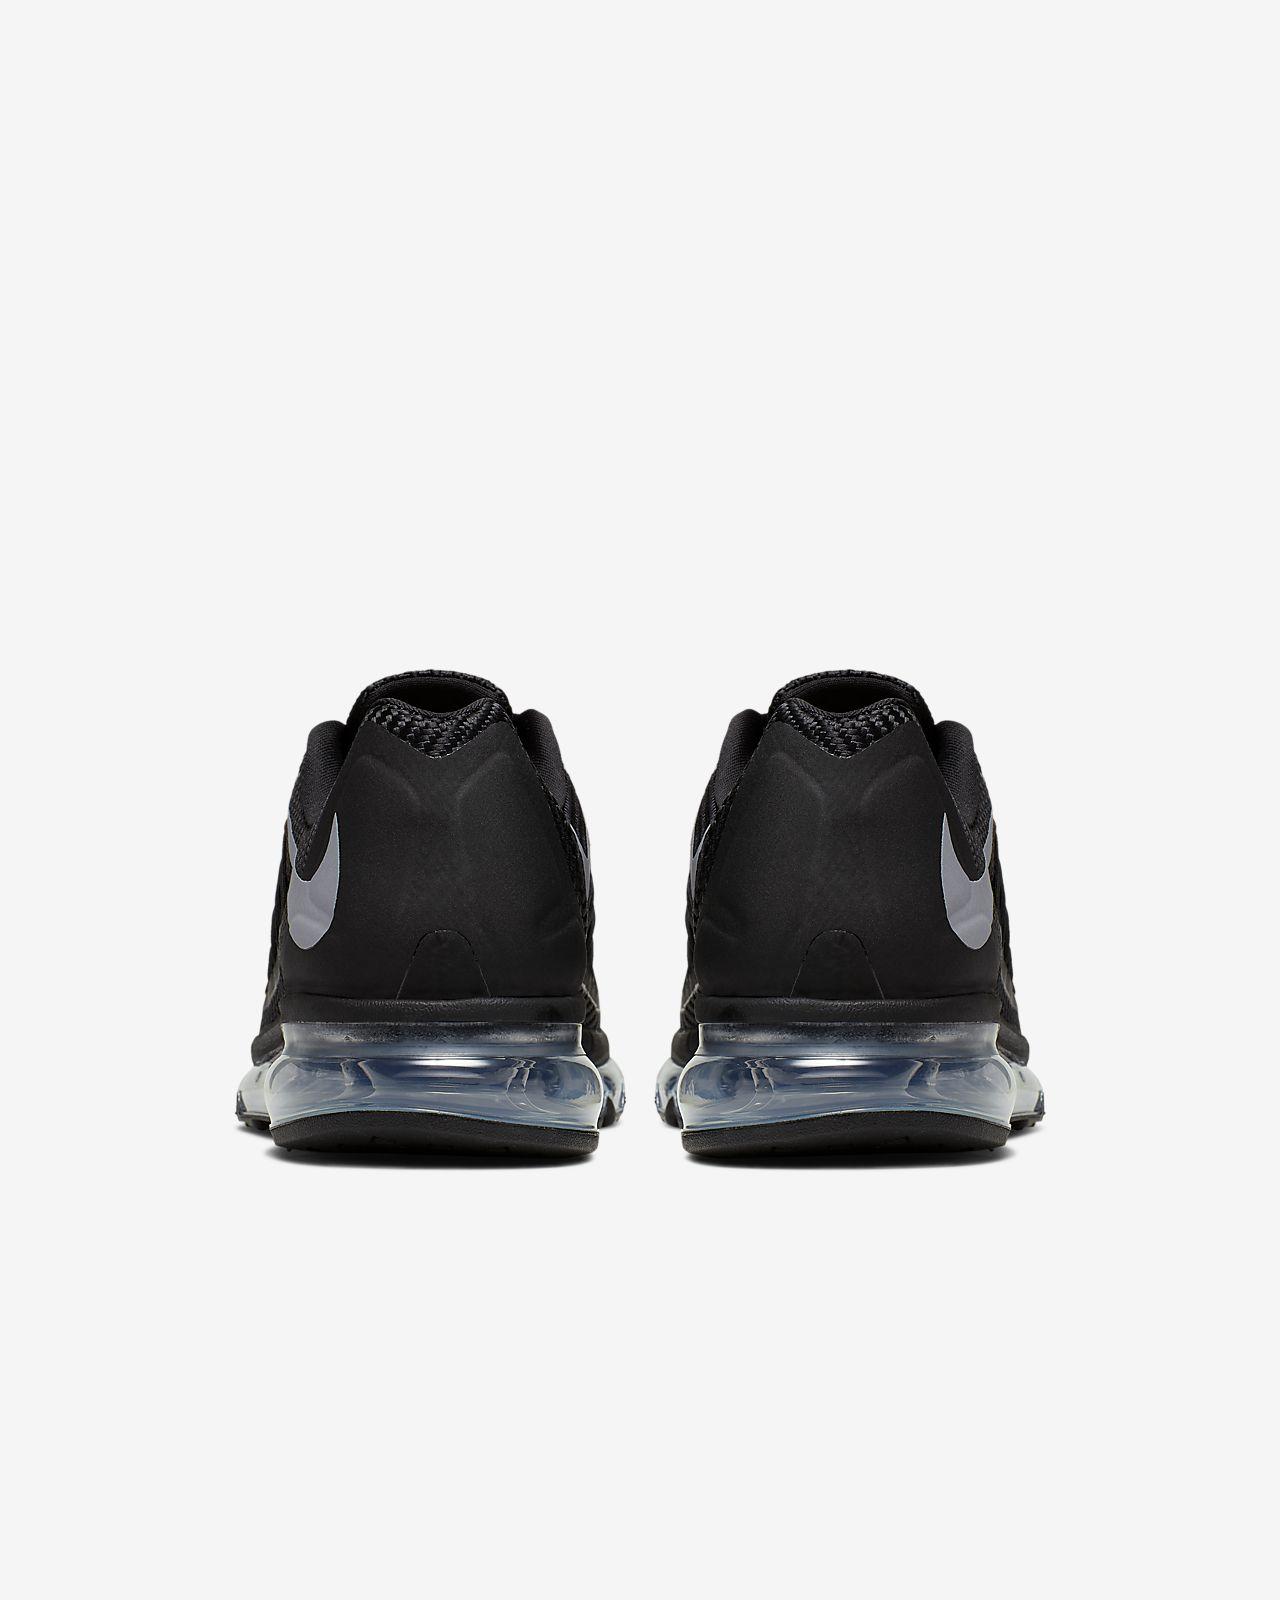 Nike Air Max 2015 Zwart CN0135 001 | Zwart | Sneakerbaron NL